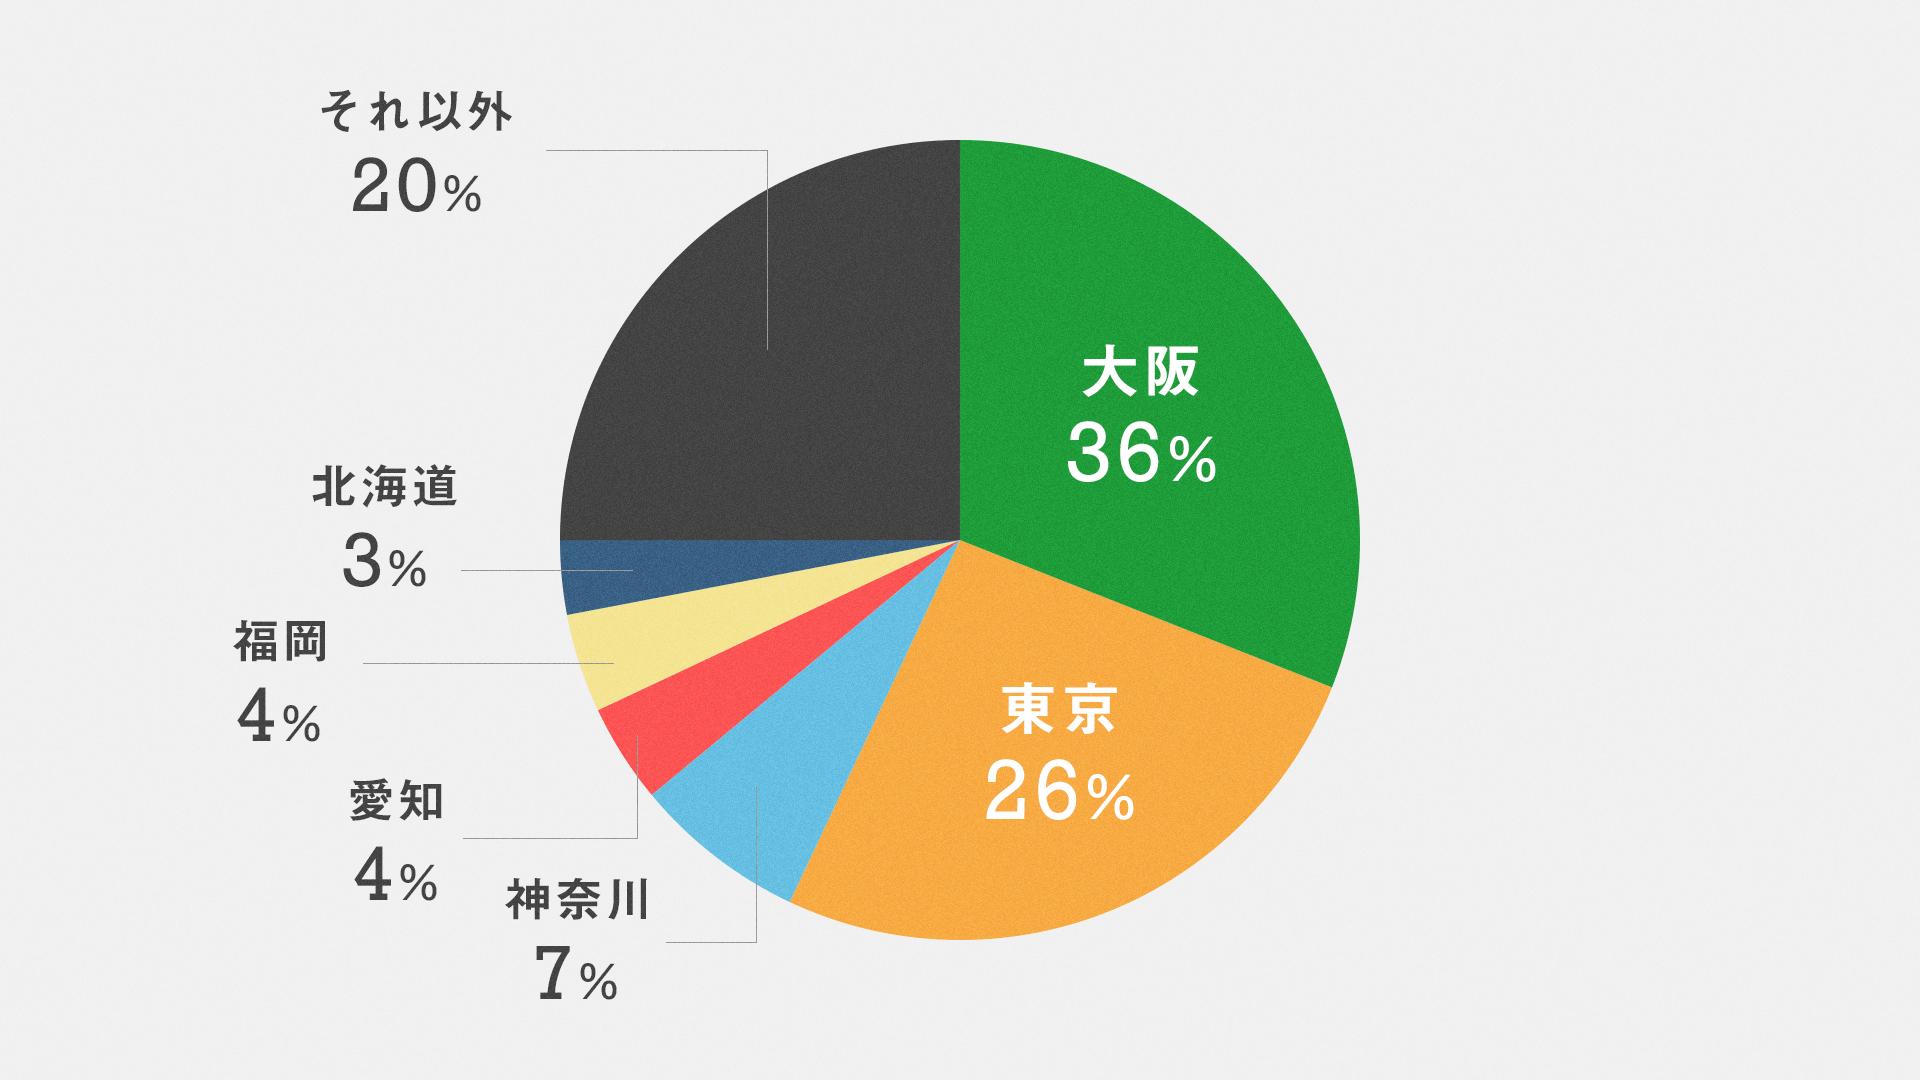 日本のどこに住んでいる人データ画像